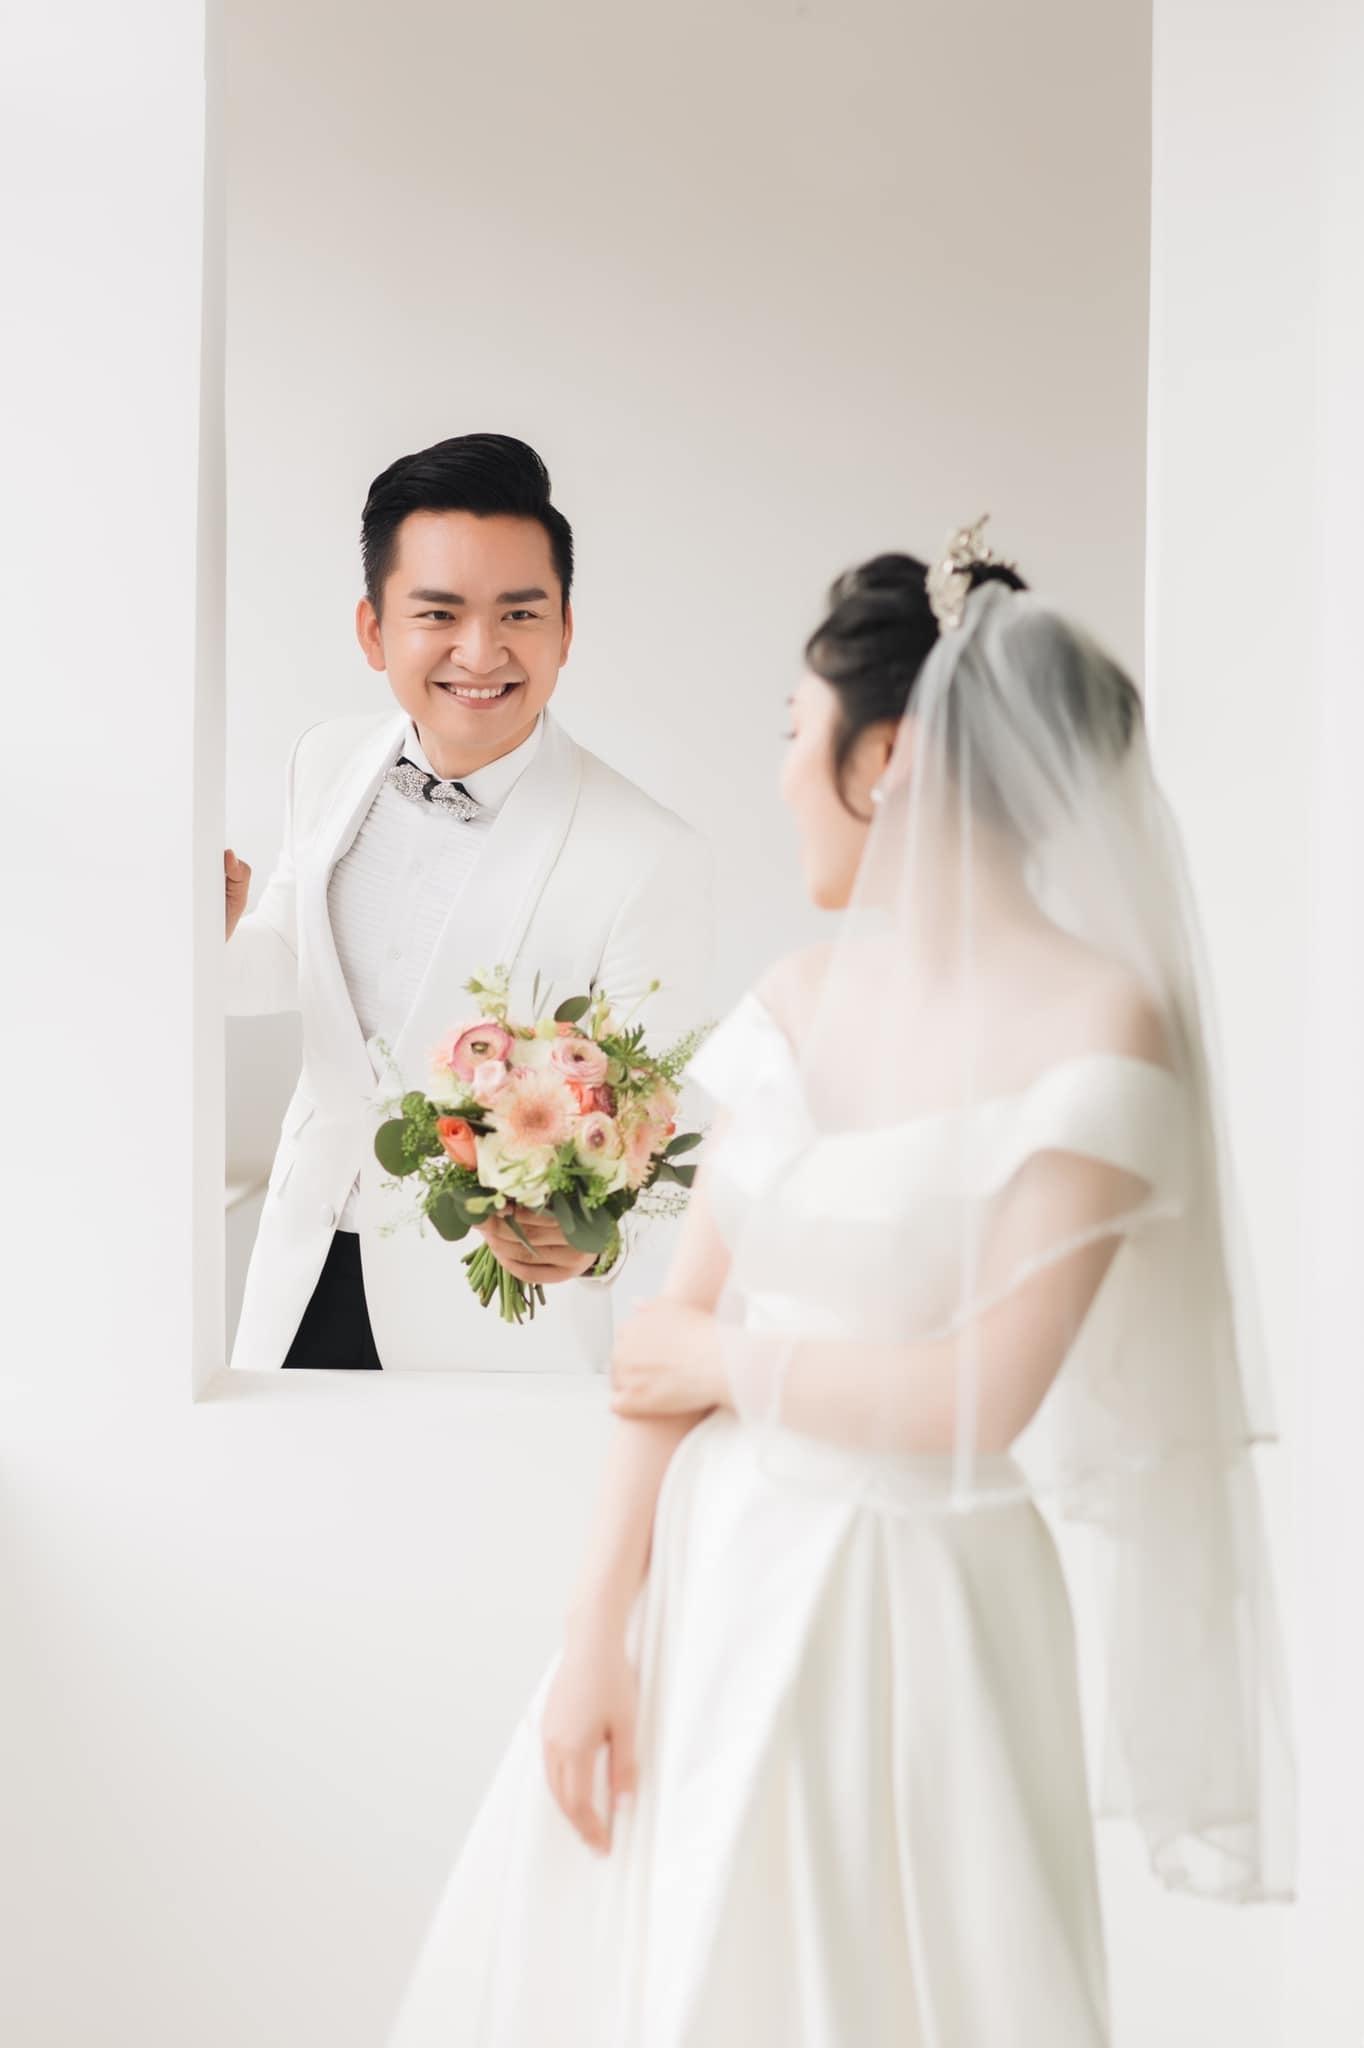 mc hanh phuc 8 MC Hạnh Phúc lần đầu đăng ảnh cưới sau hơn 1 năm kết hôn